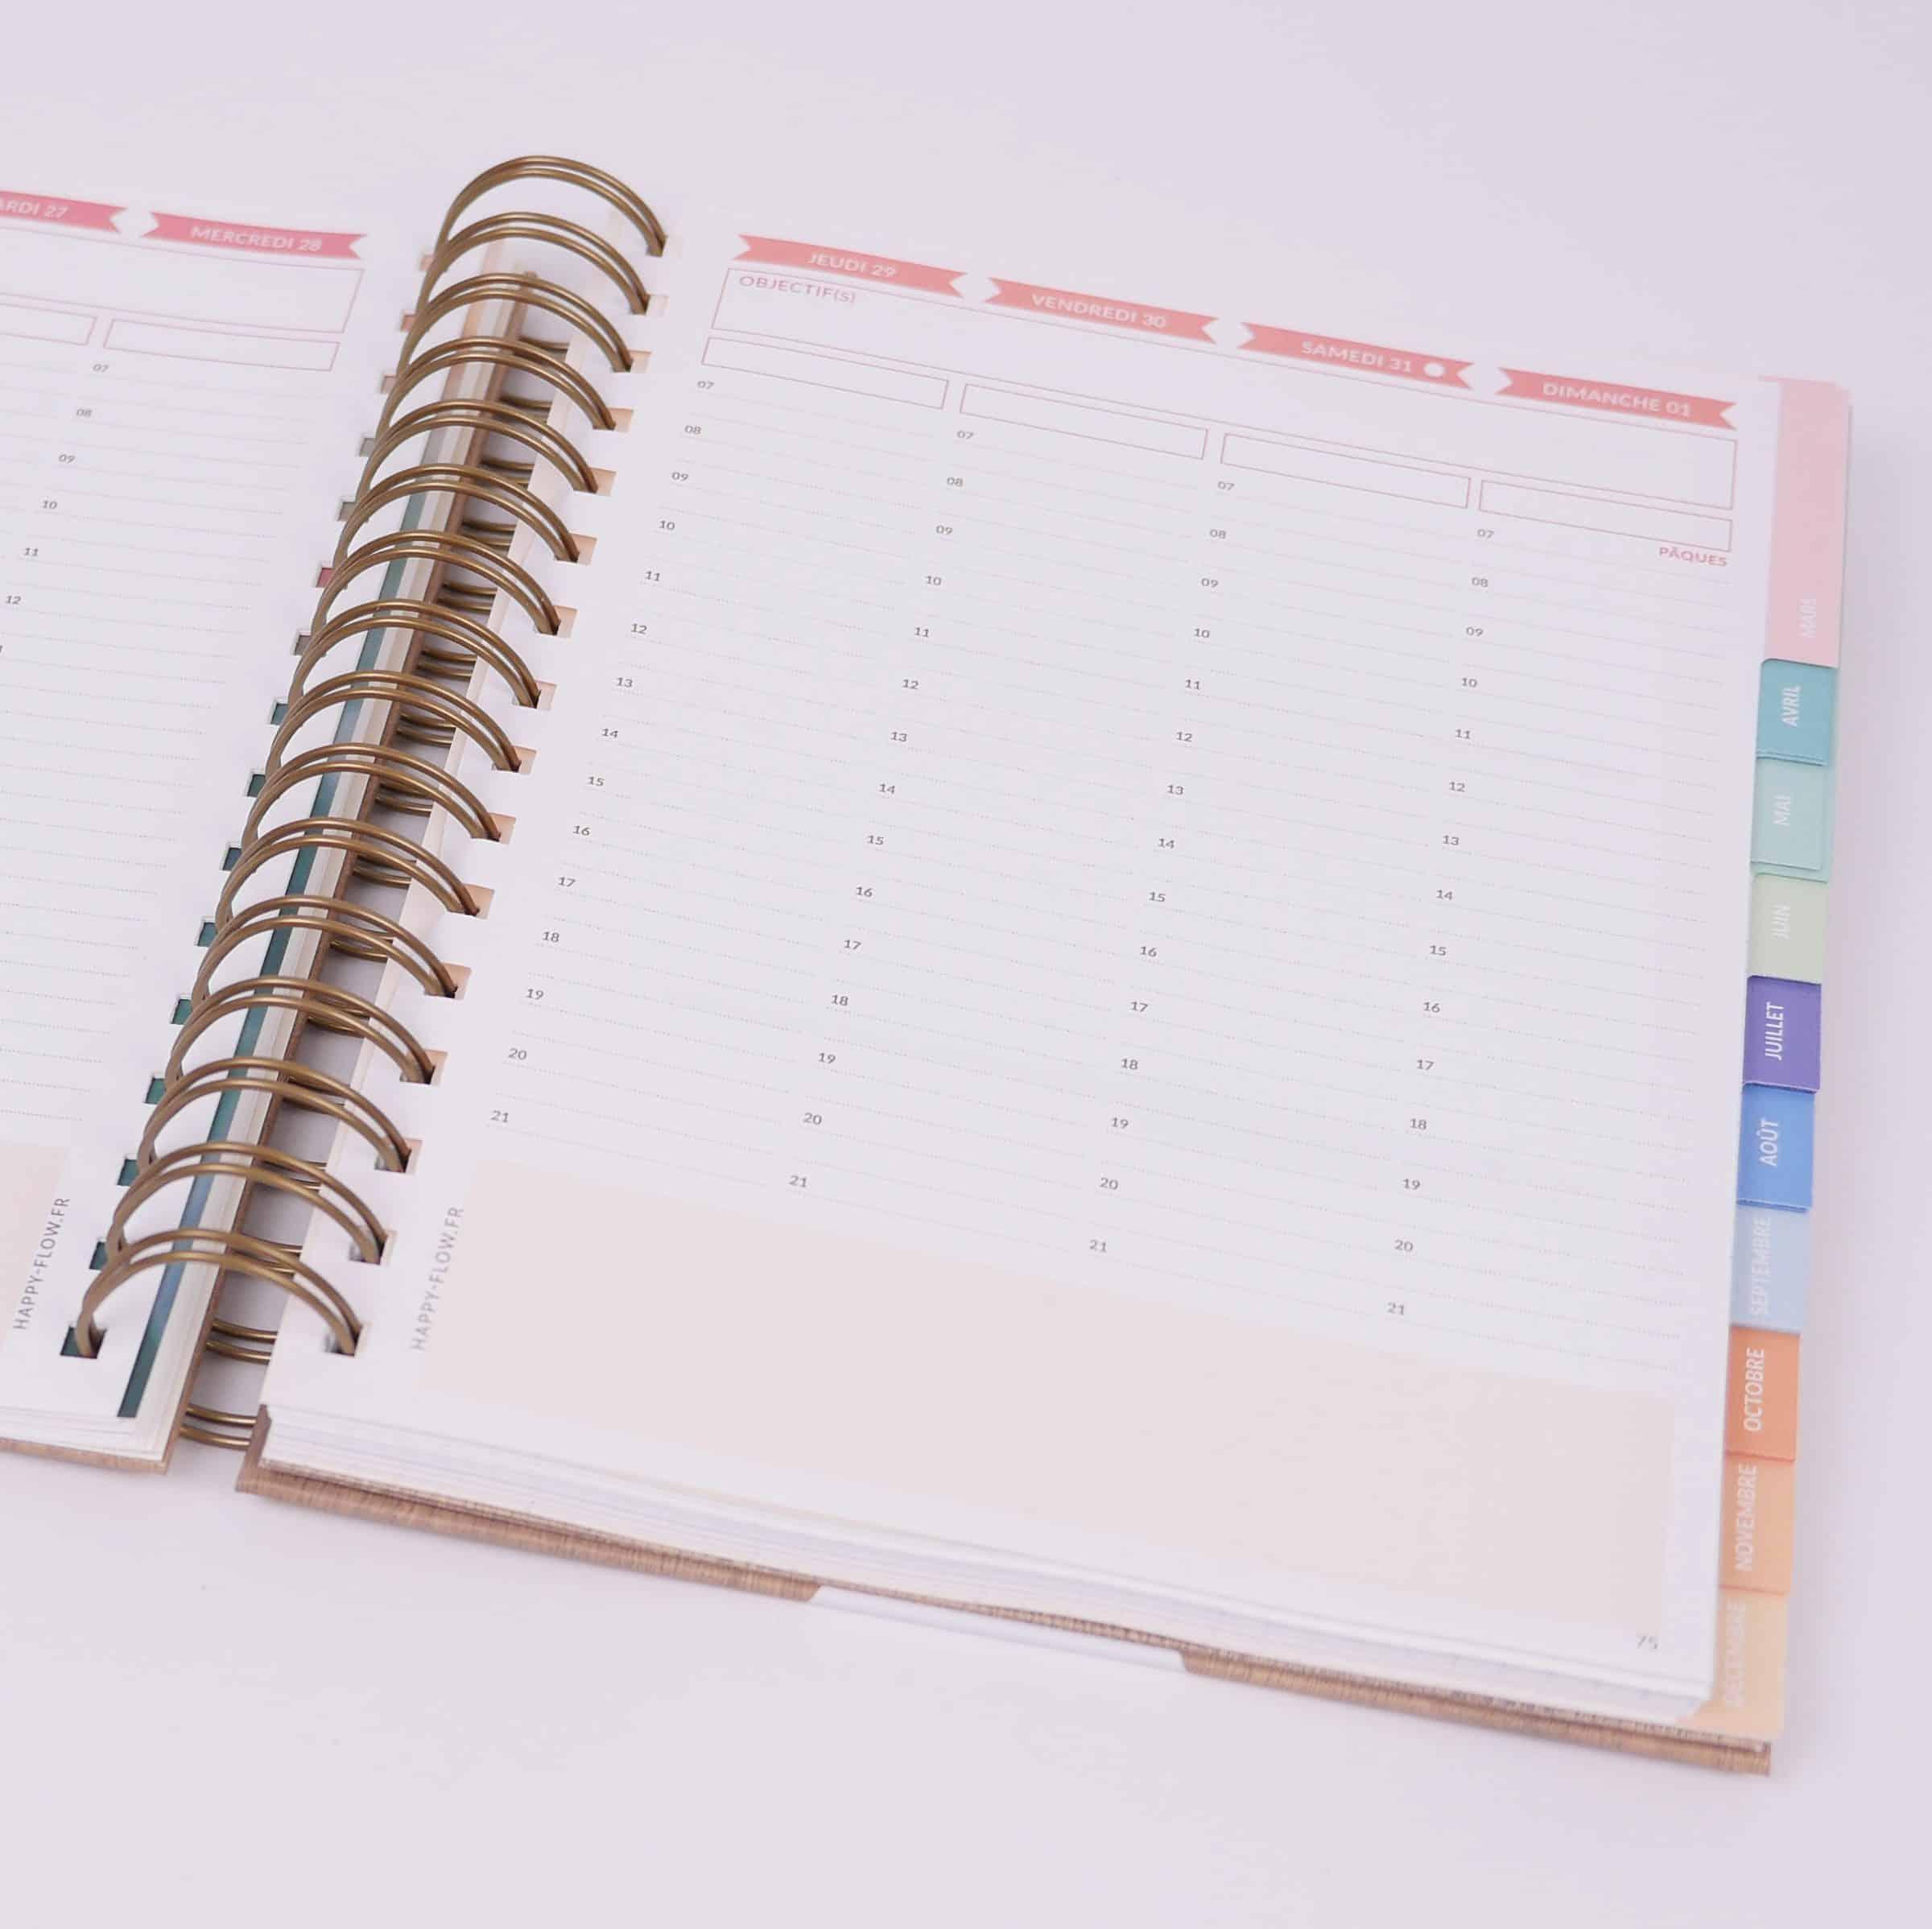 L'agenda de HappyFlow aide à se fixer des objectifs pour l'année, par mois et par semaine